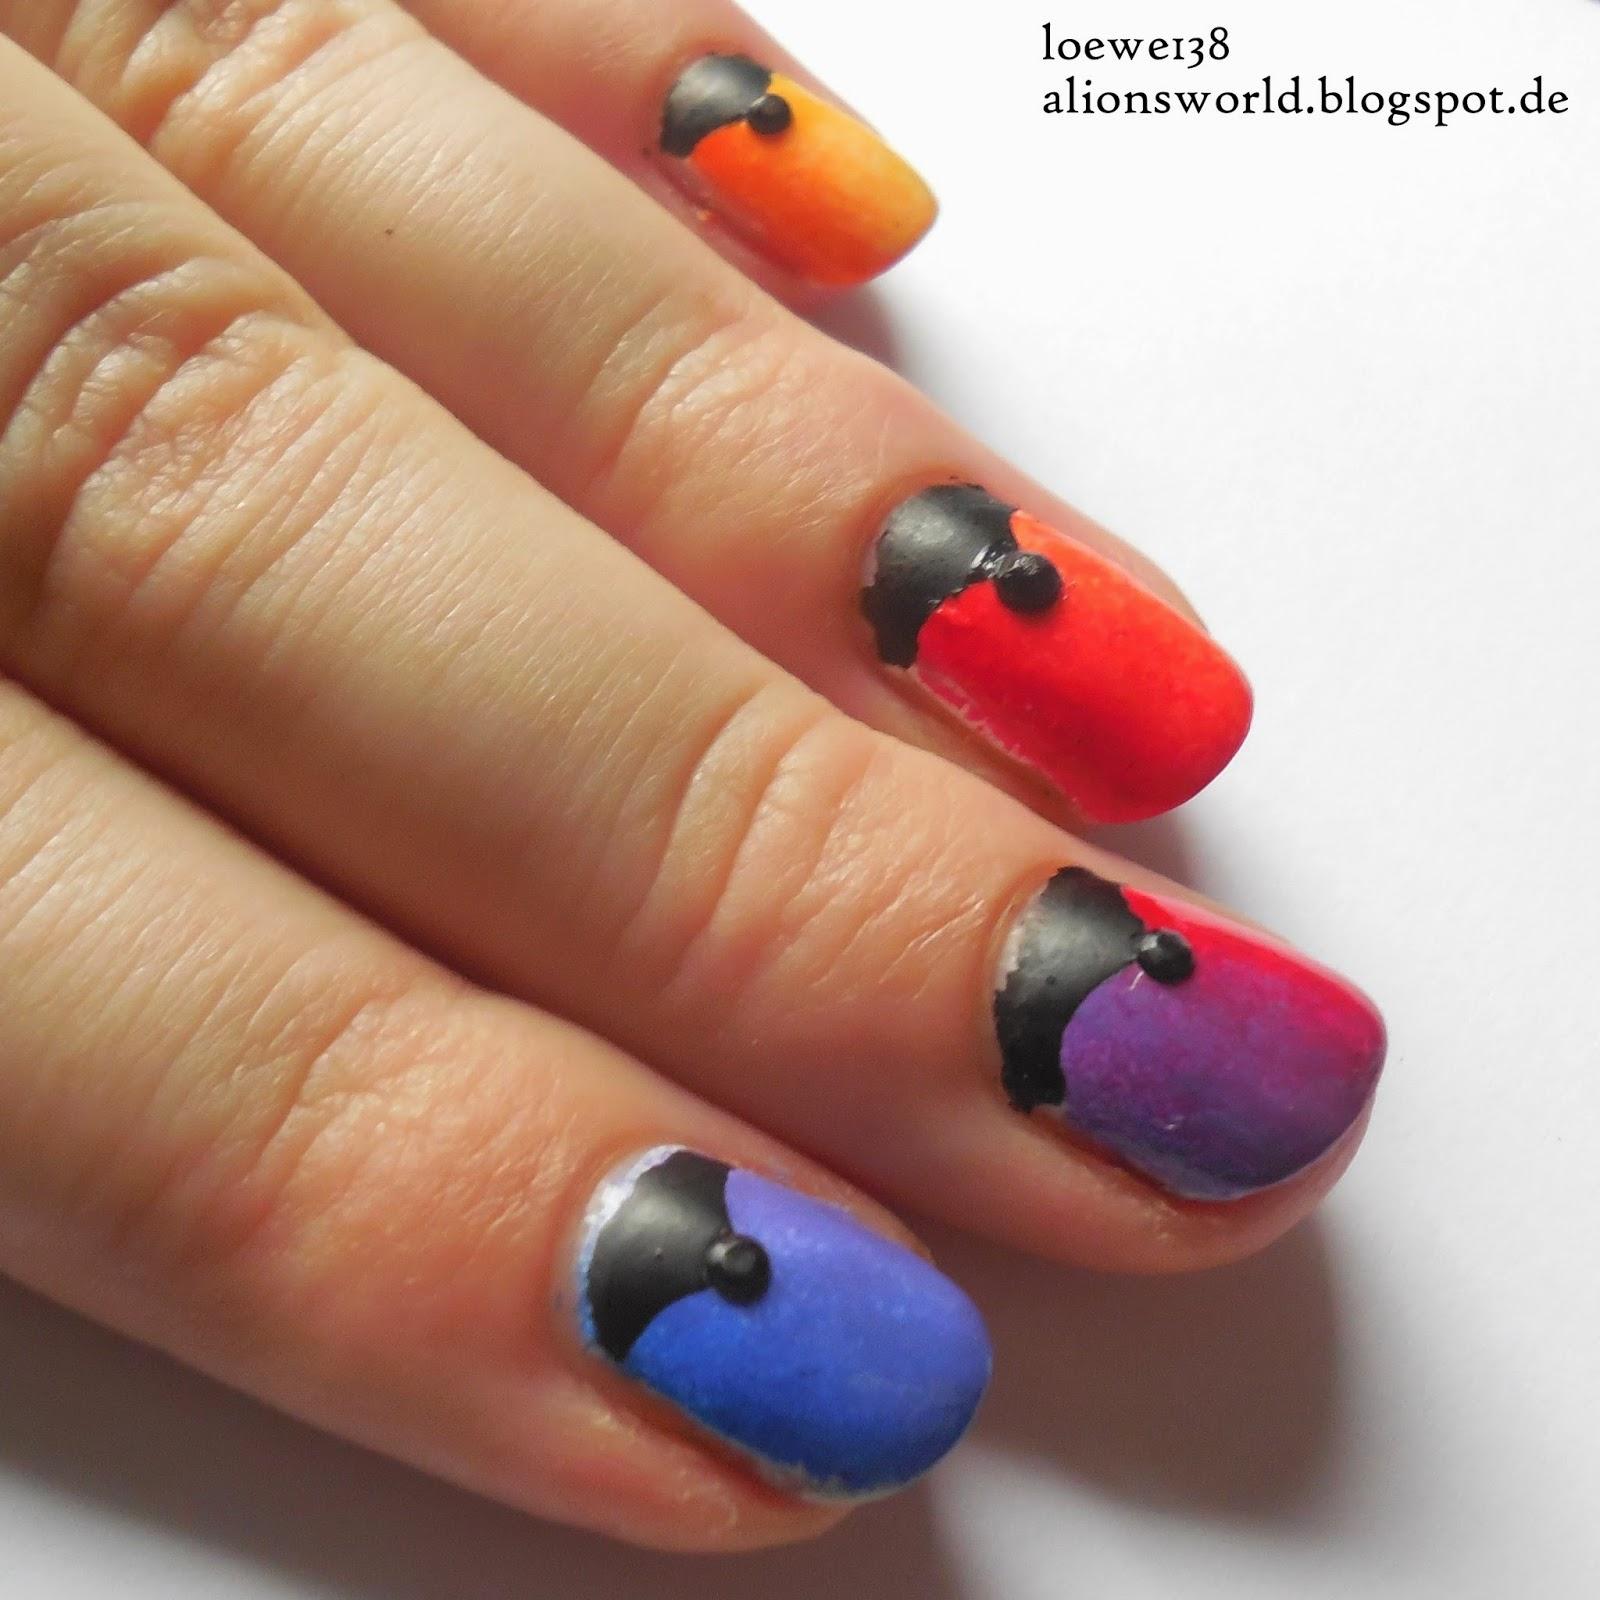 http://alionsworld.blogspot.com/2014/12/regenbogen-ombre-colourfulnailartschall.html